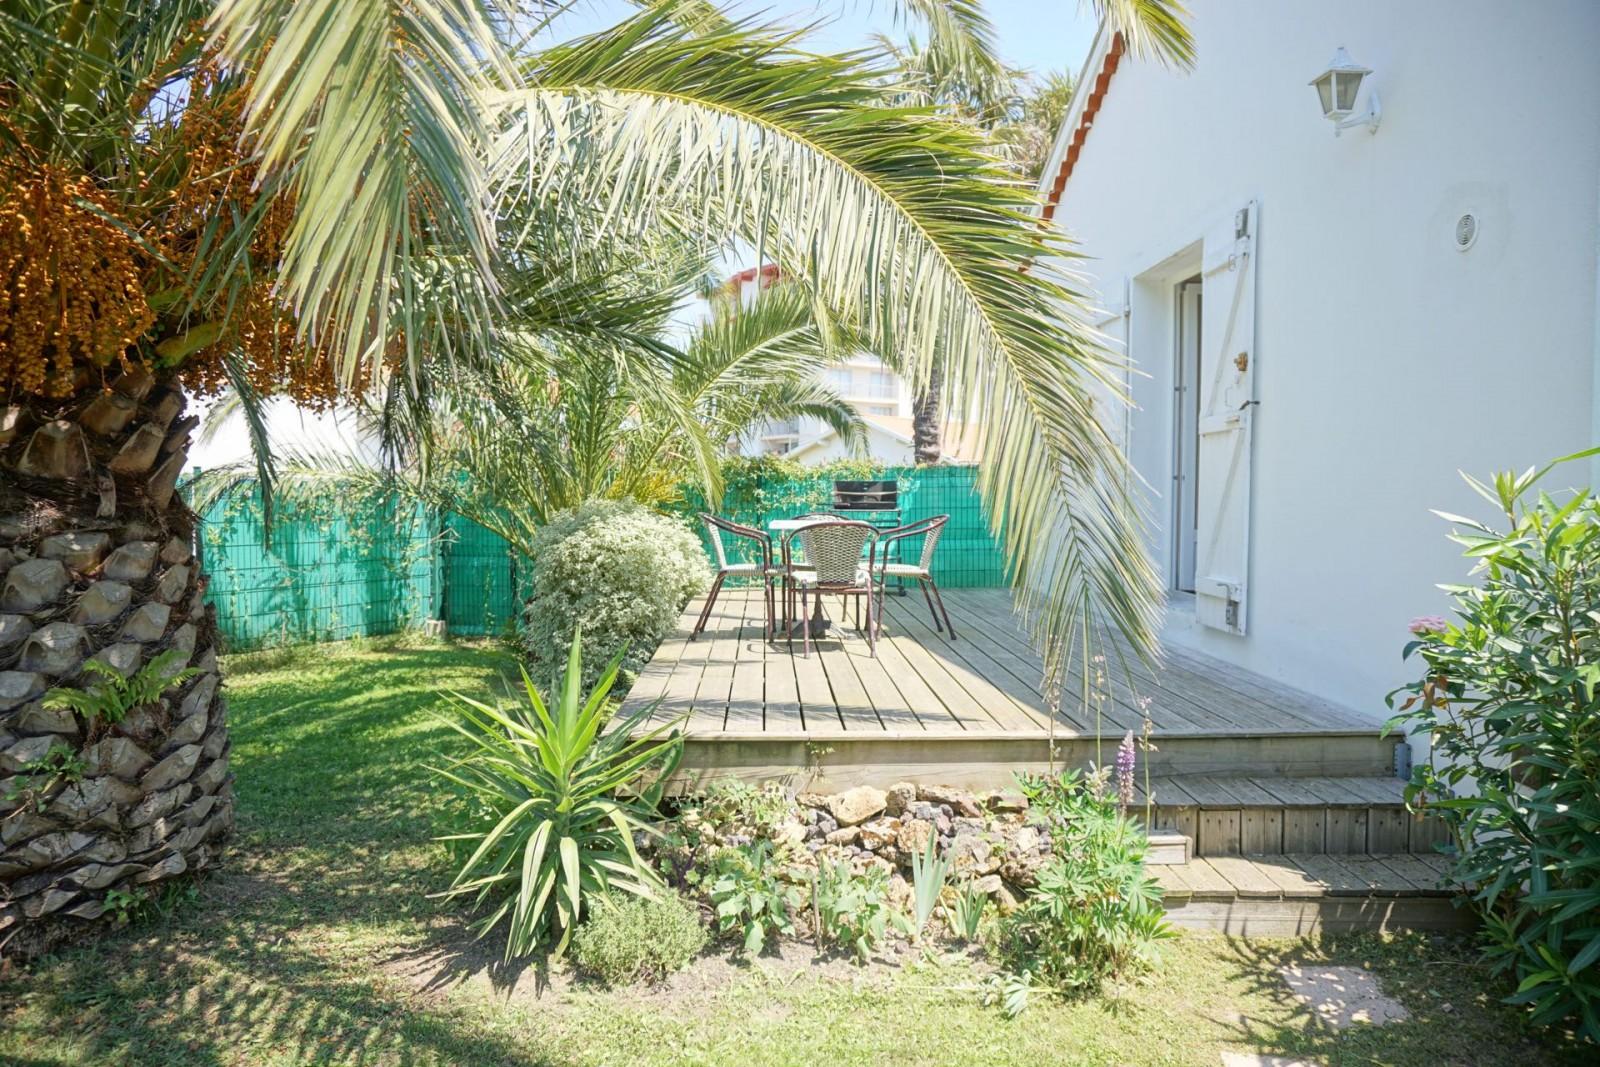 agence immobiliere specialiste location saisonniere olaizola vacances saint martin verdure en ville